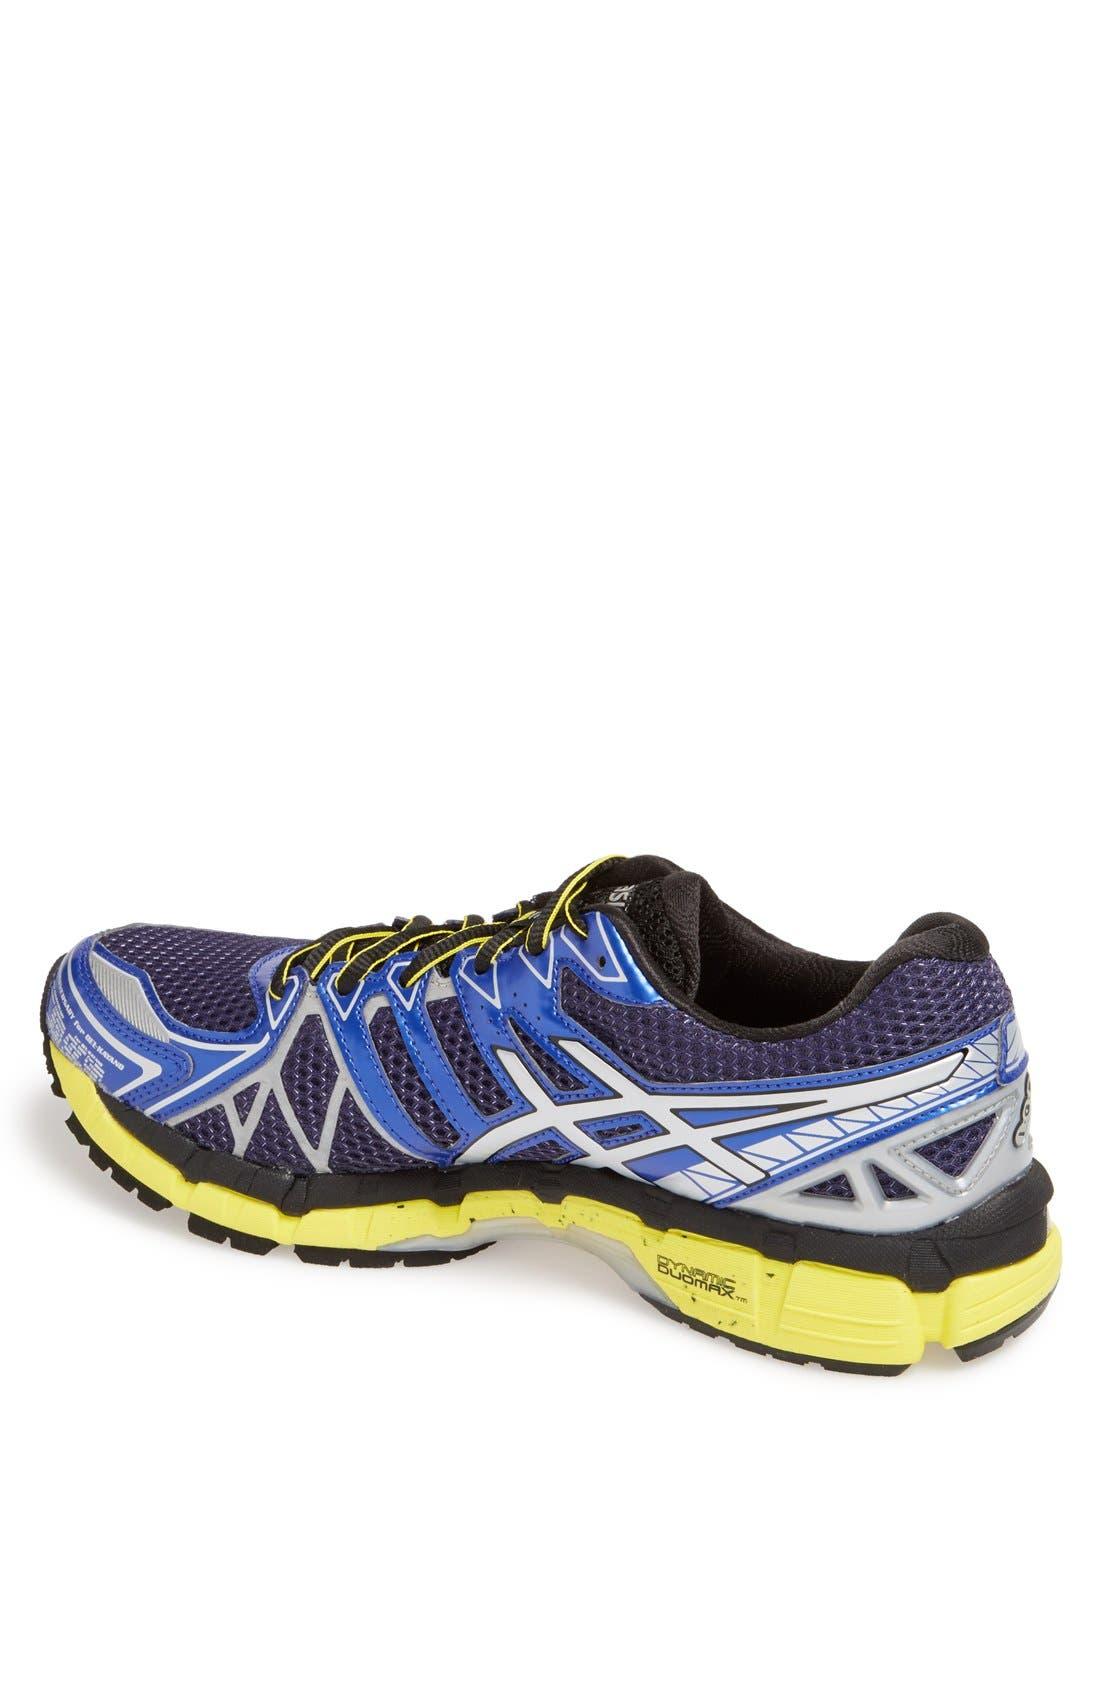 Alternate Image 2  - ASICS® 'GEL-Kayano® 20 Lite' Running Shoe (Men)